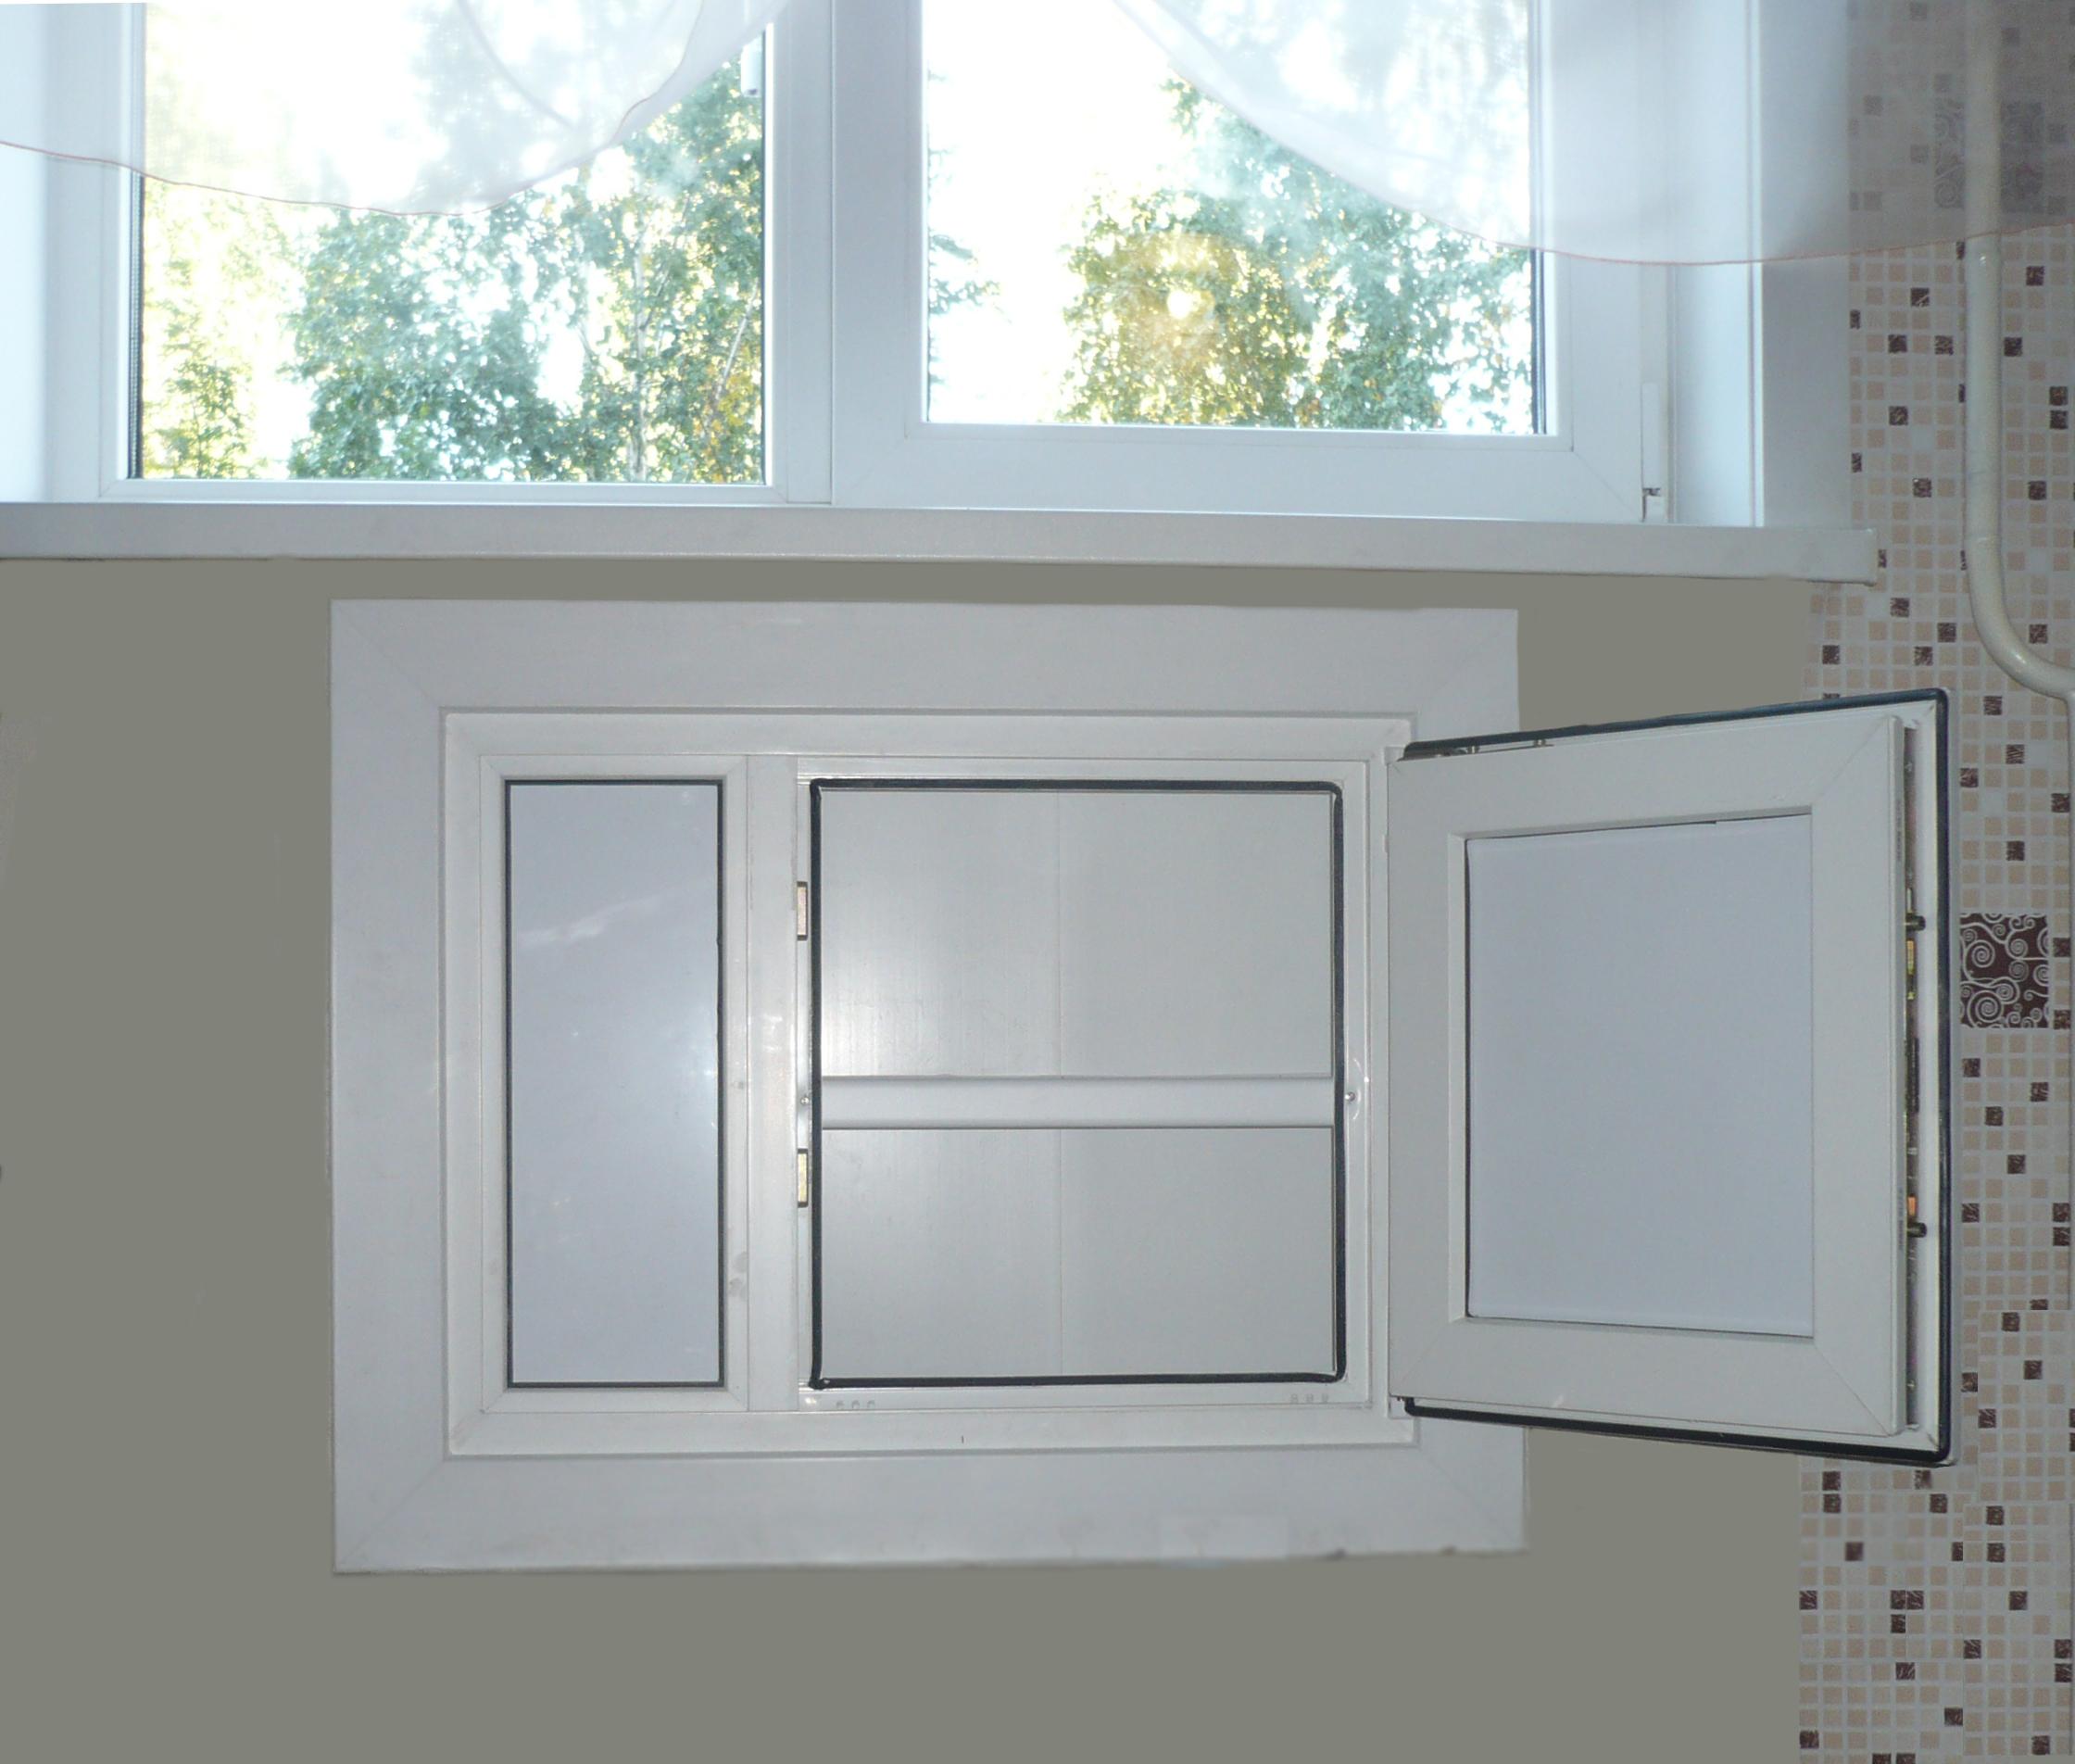 Пластиковая дверь в нишу под кухонным окном